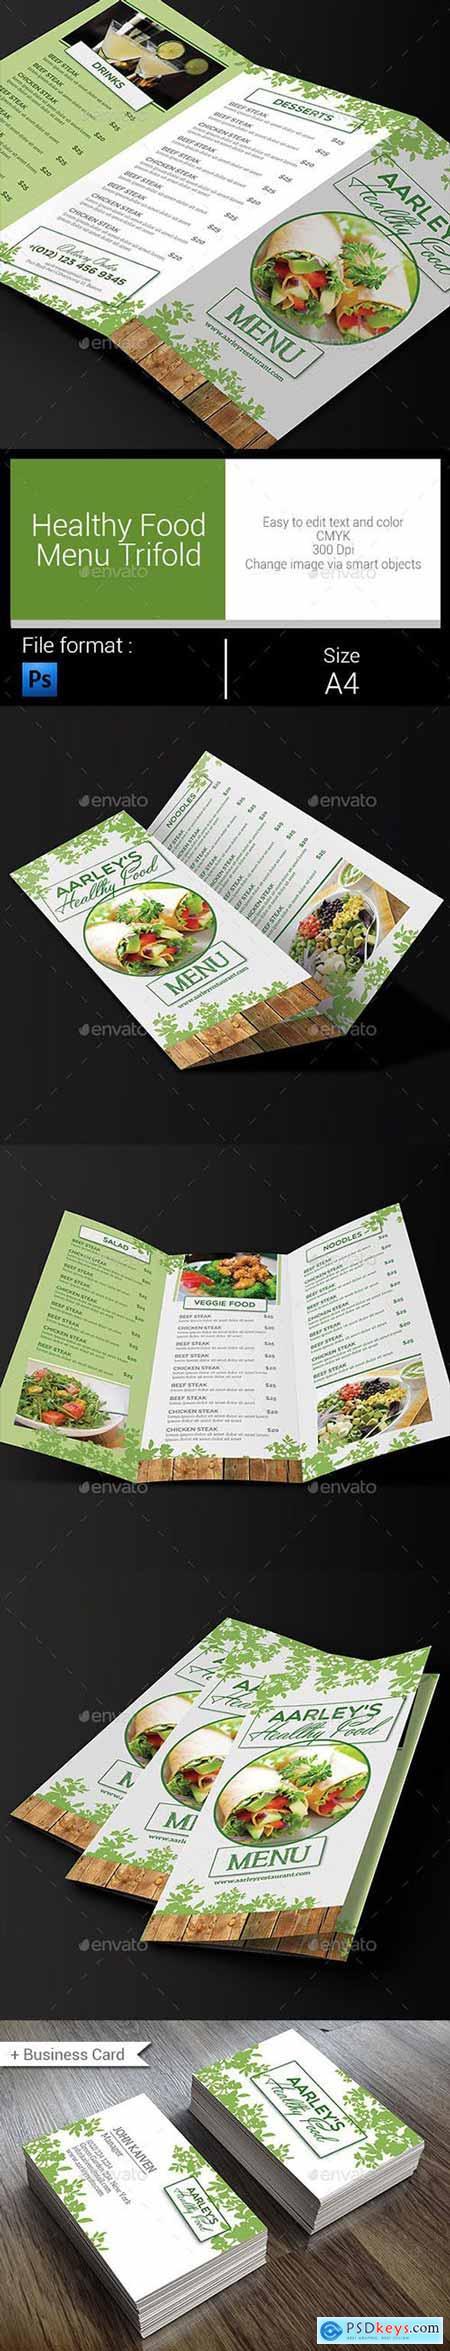 Healthy Food Menu Trifold